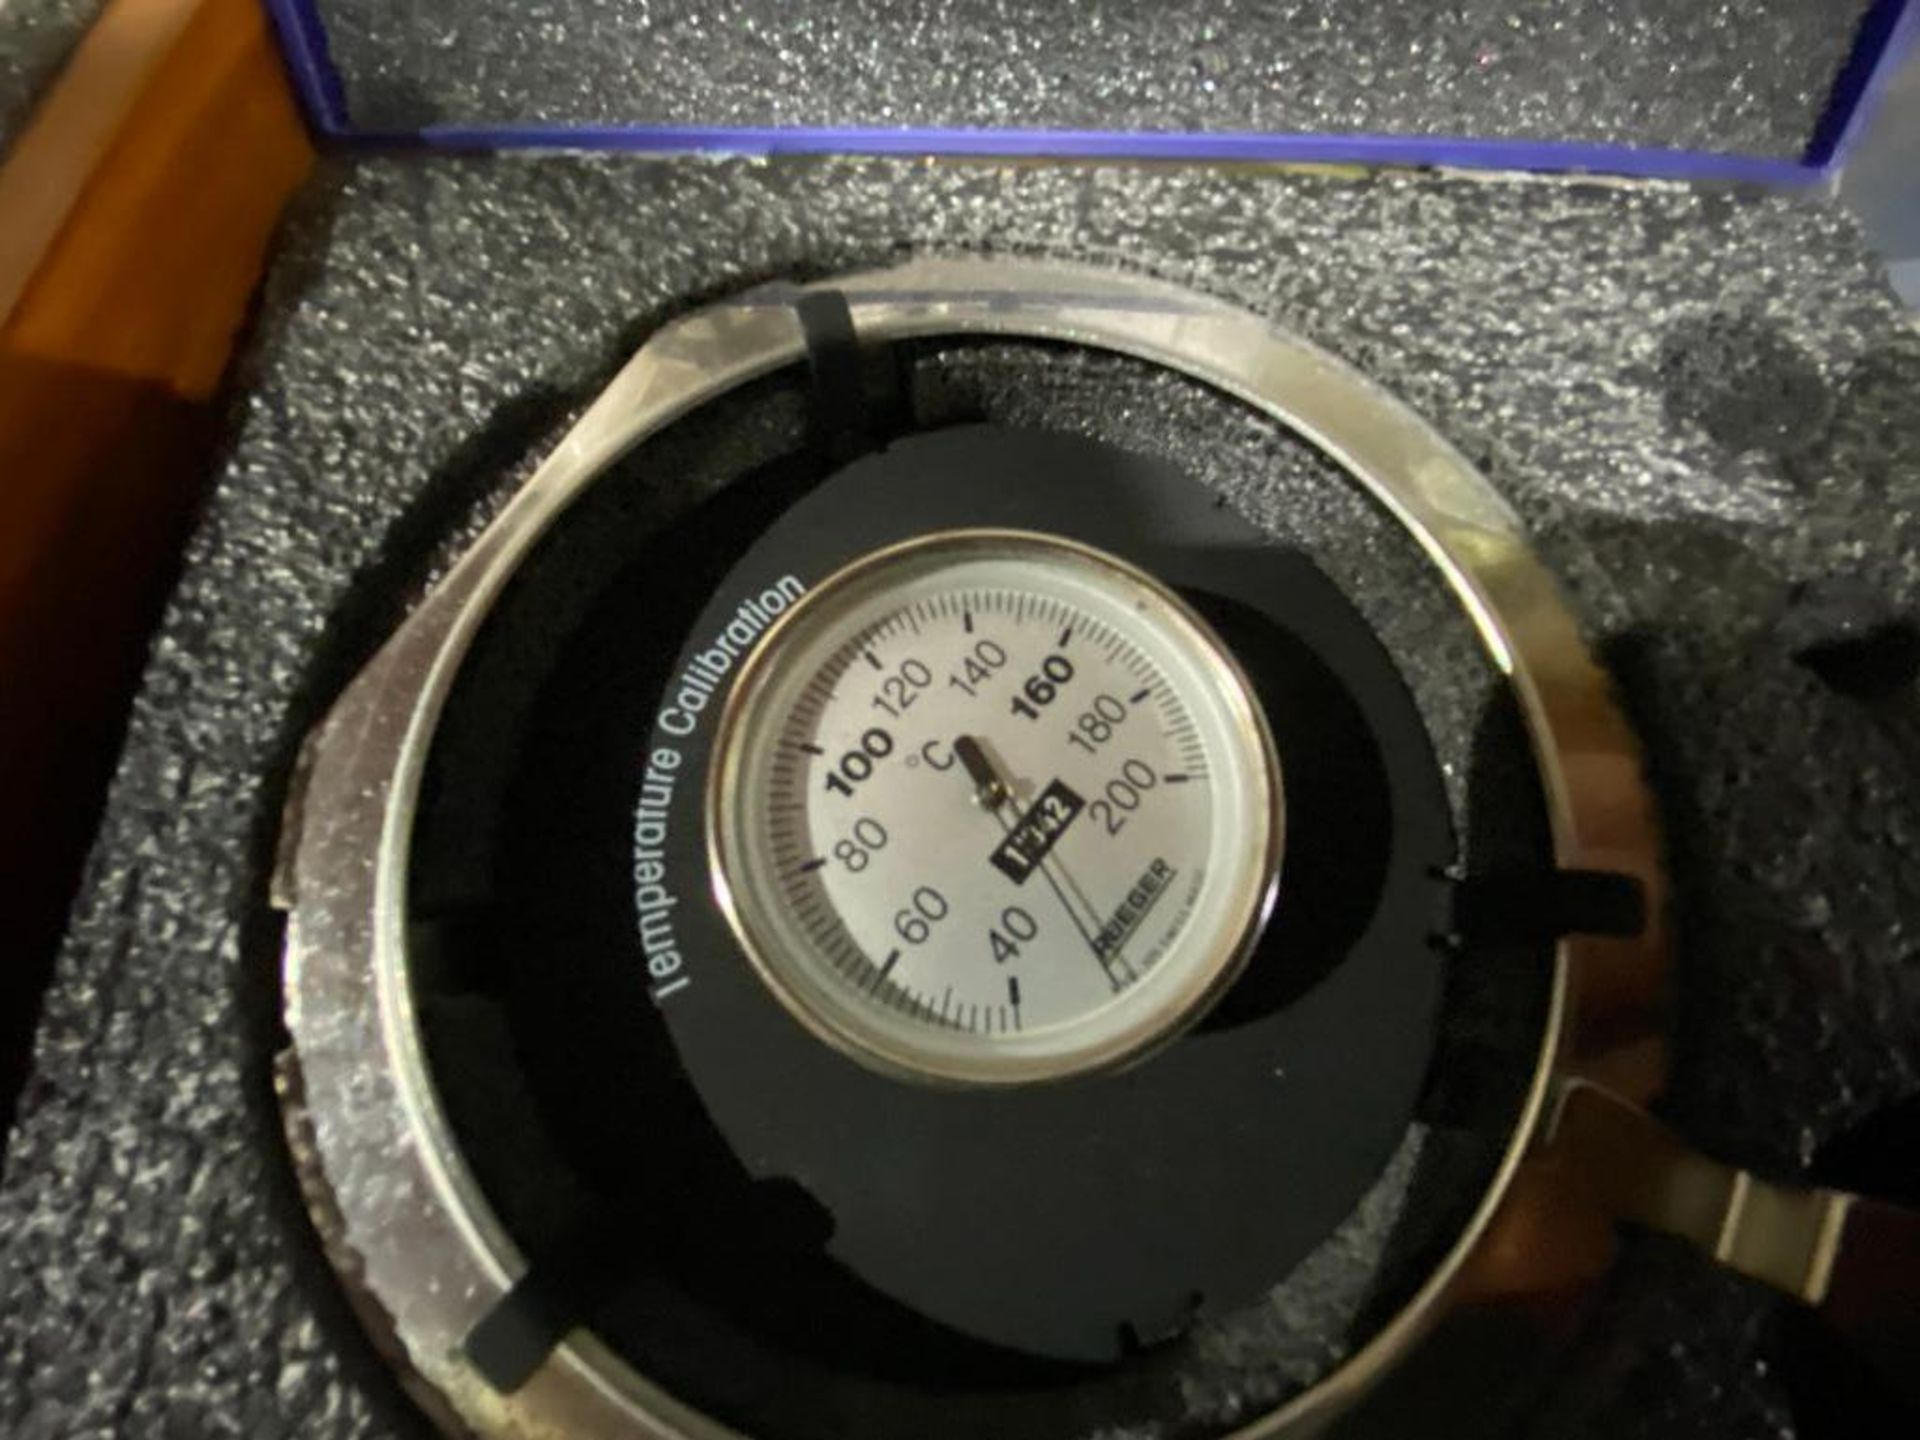 Mettler Toledo calibration kit for halogen moisture analyser - Image 3 of 3